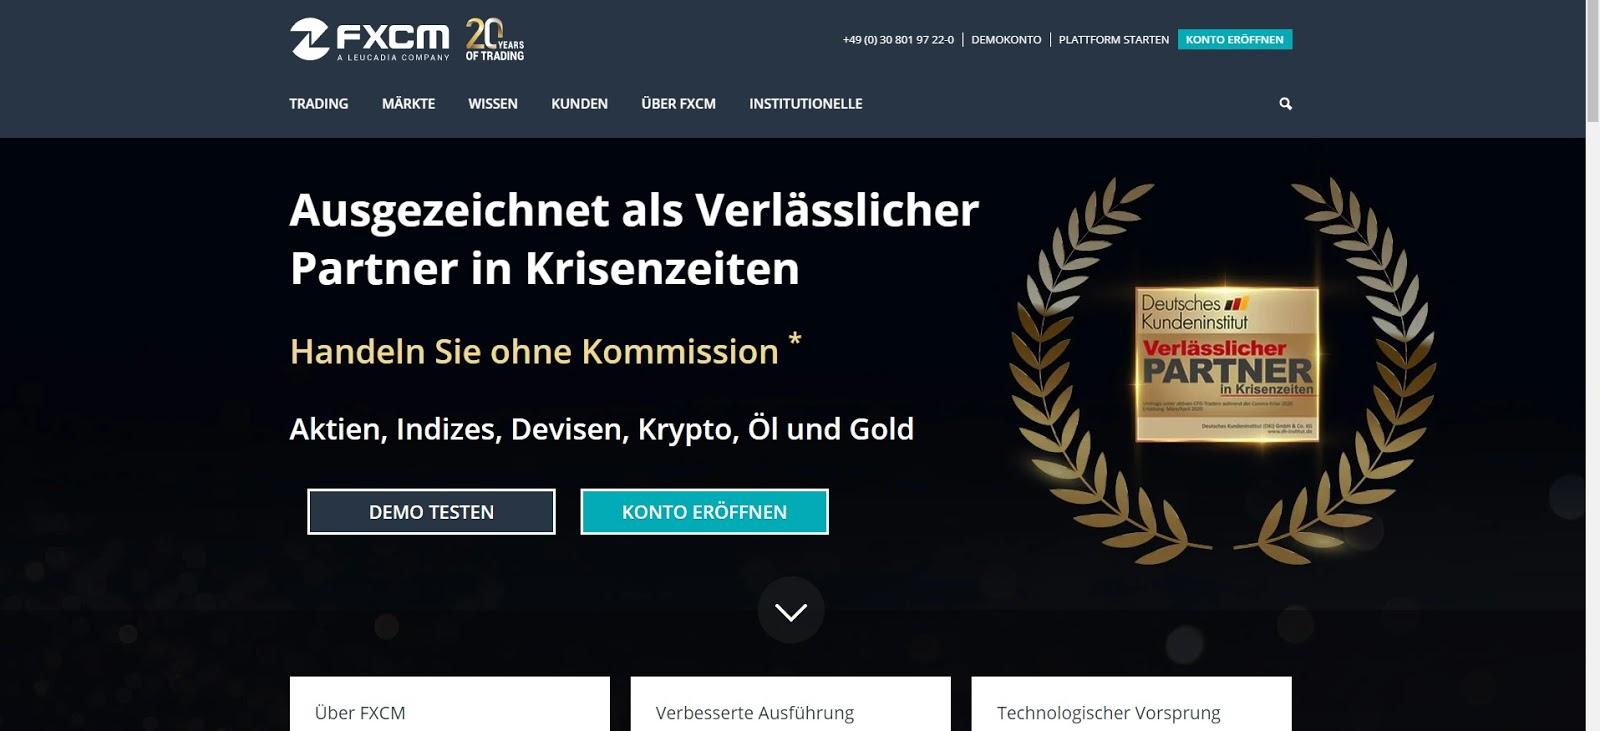 FXCM Webseite